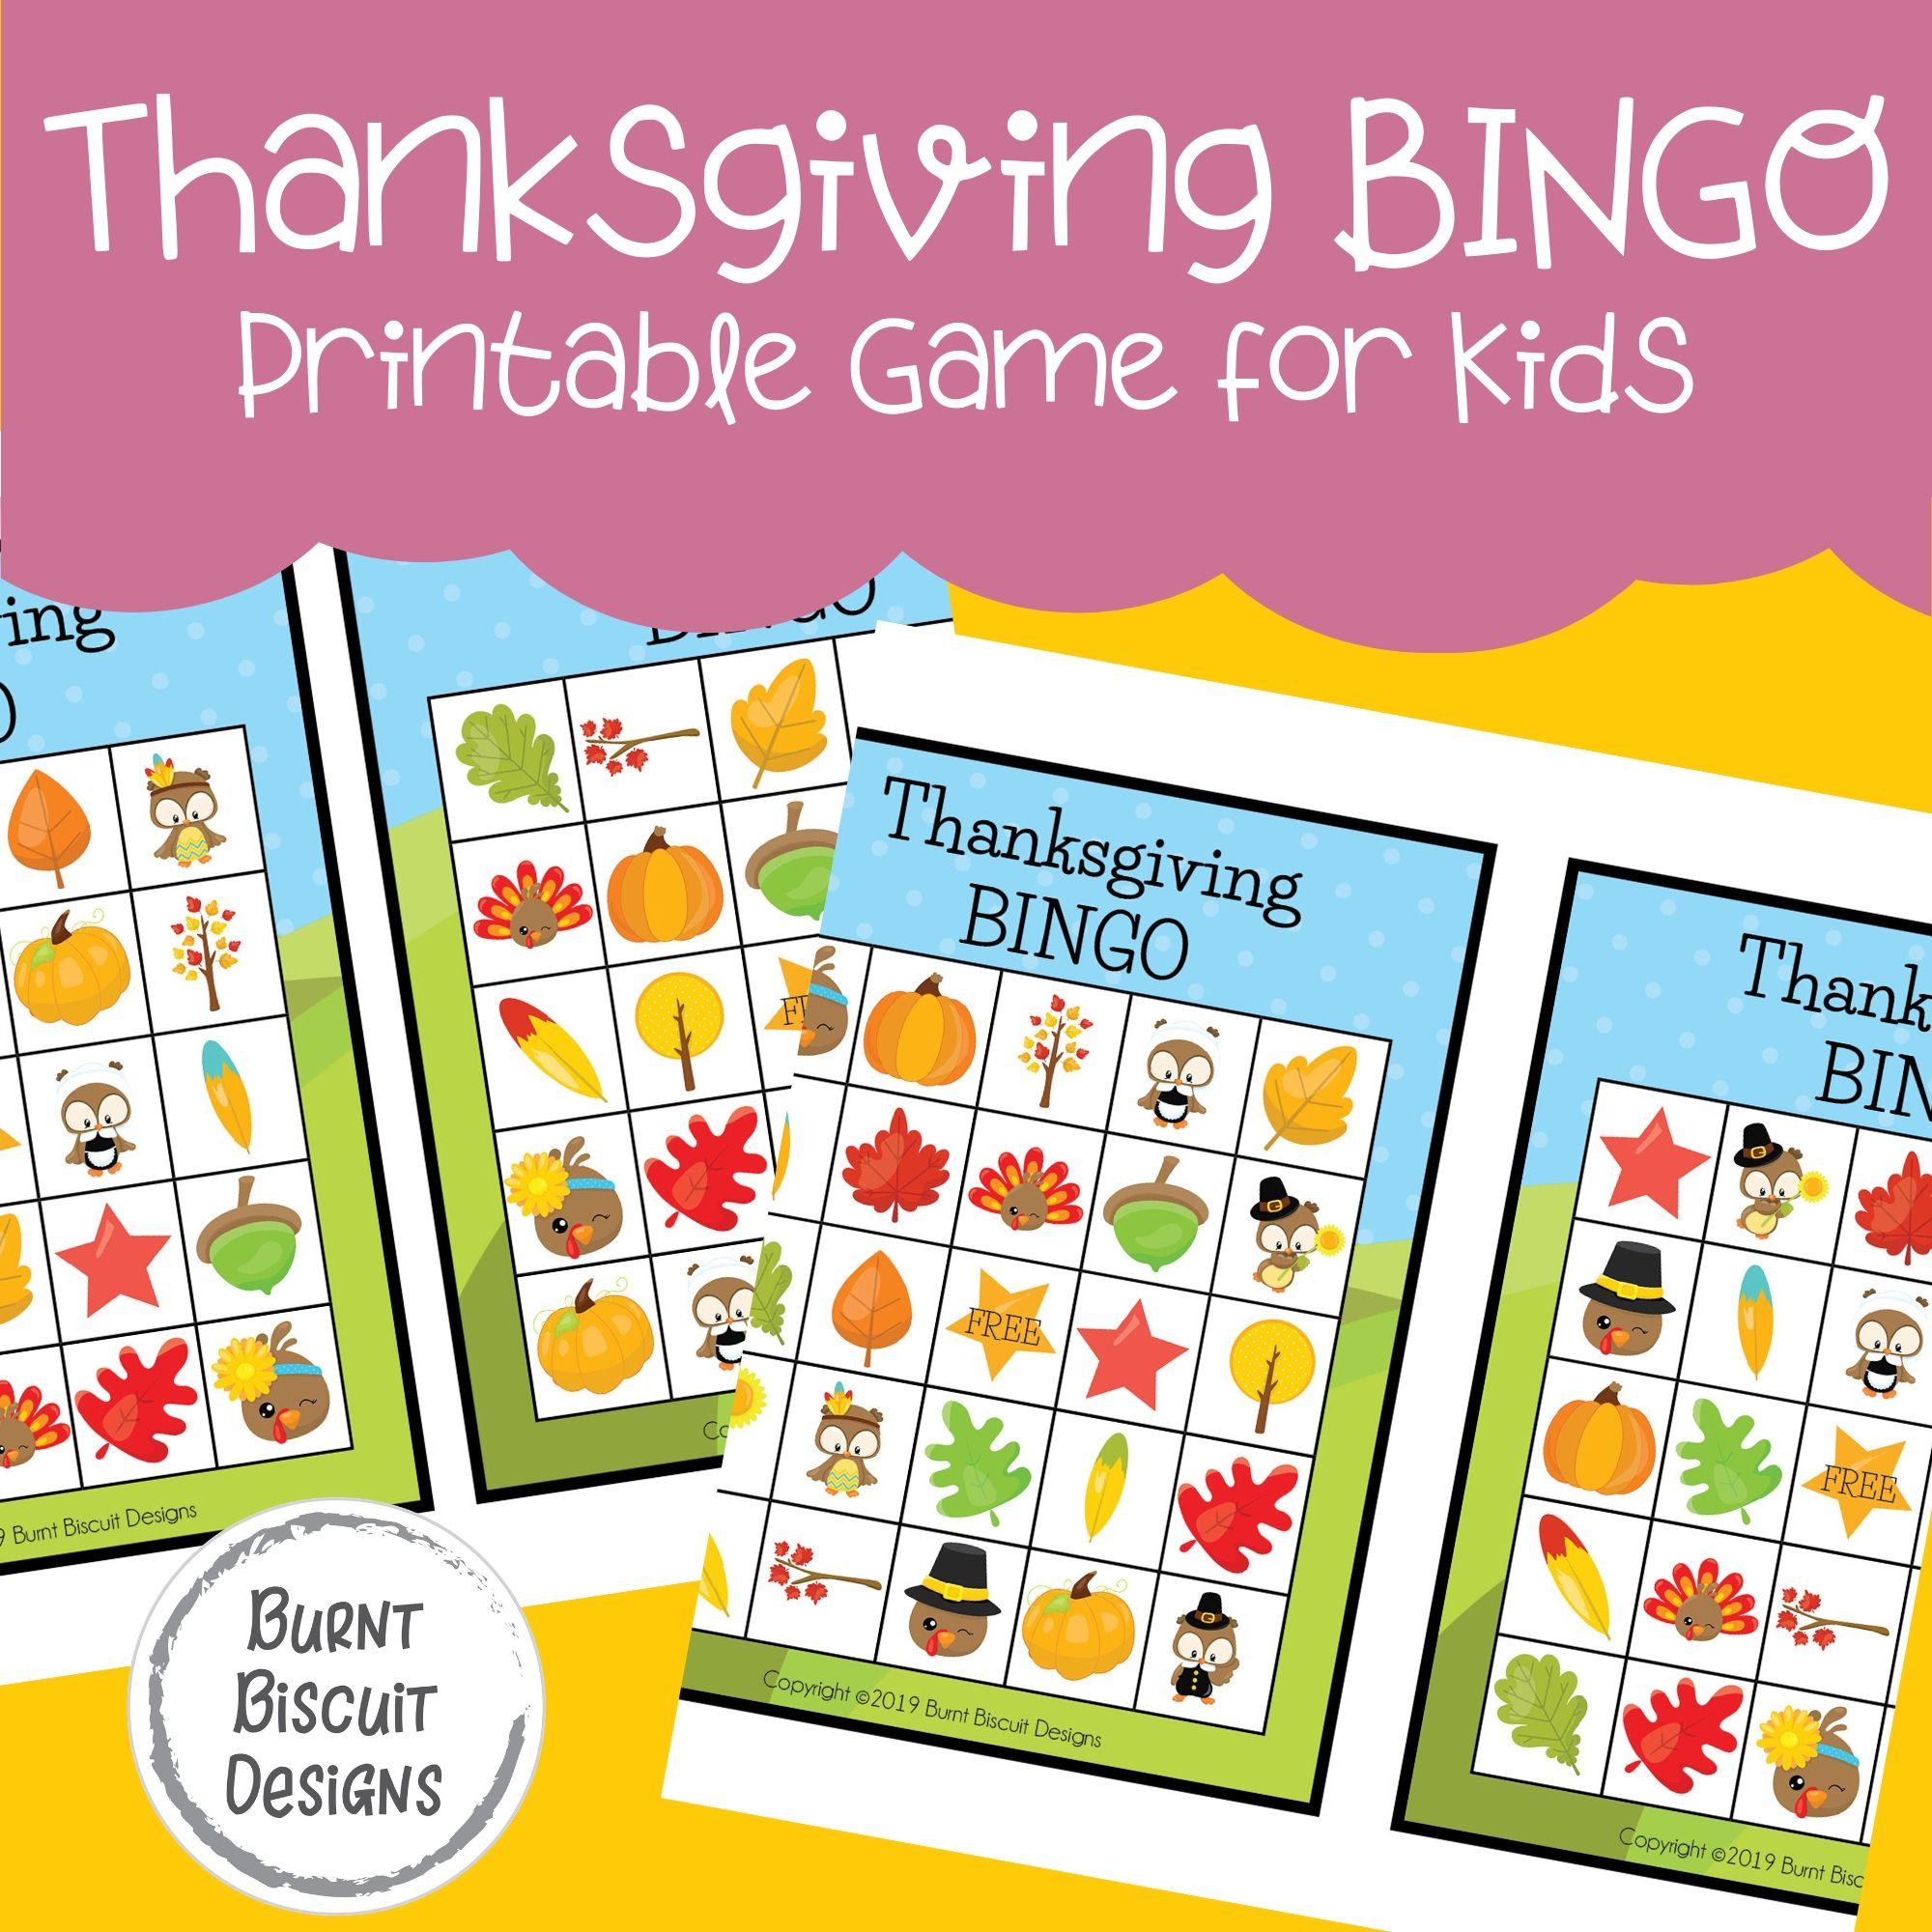 Thanksgiving Bingo Printable Game